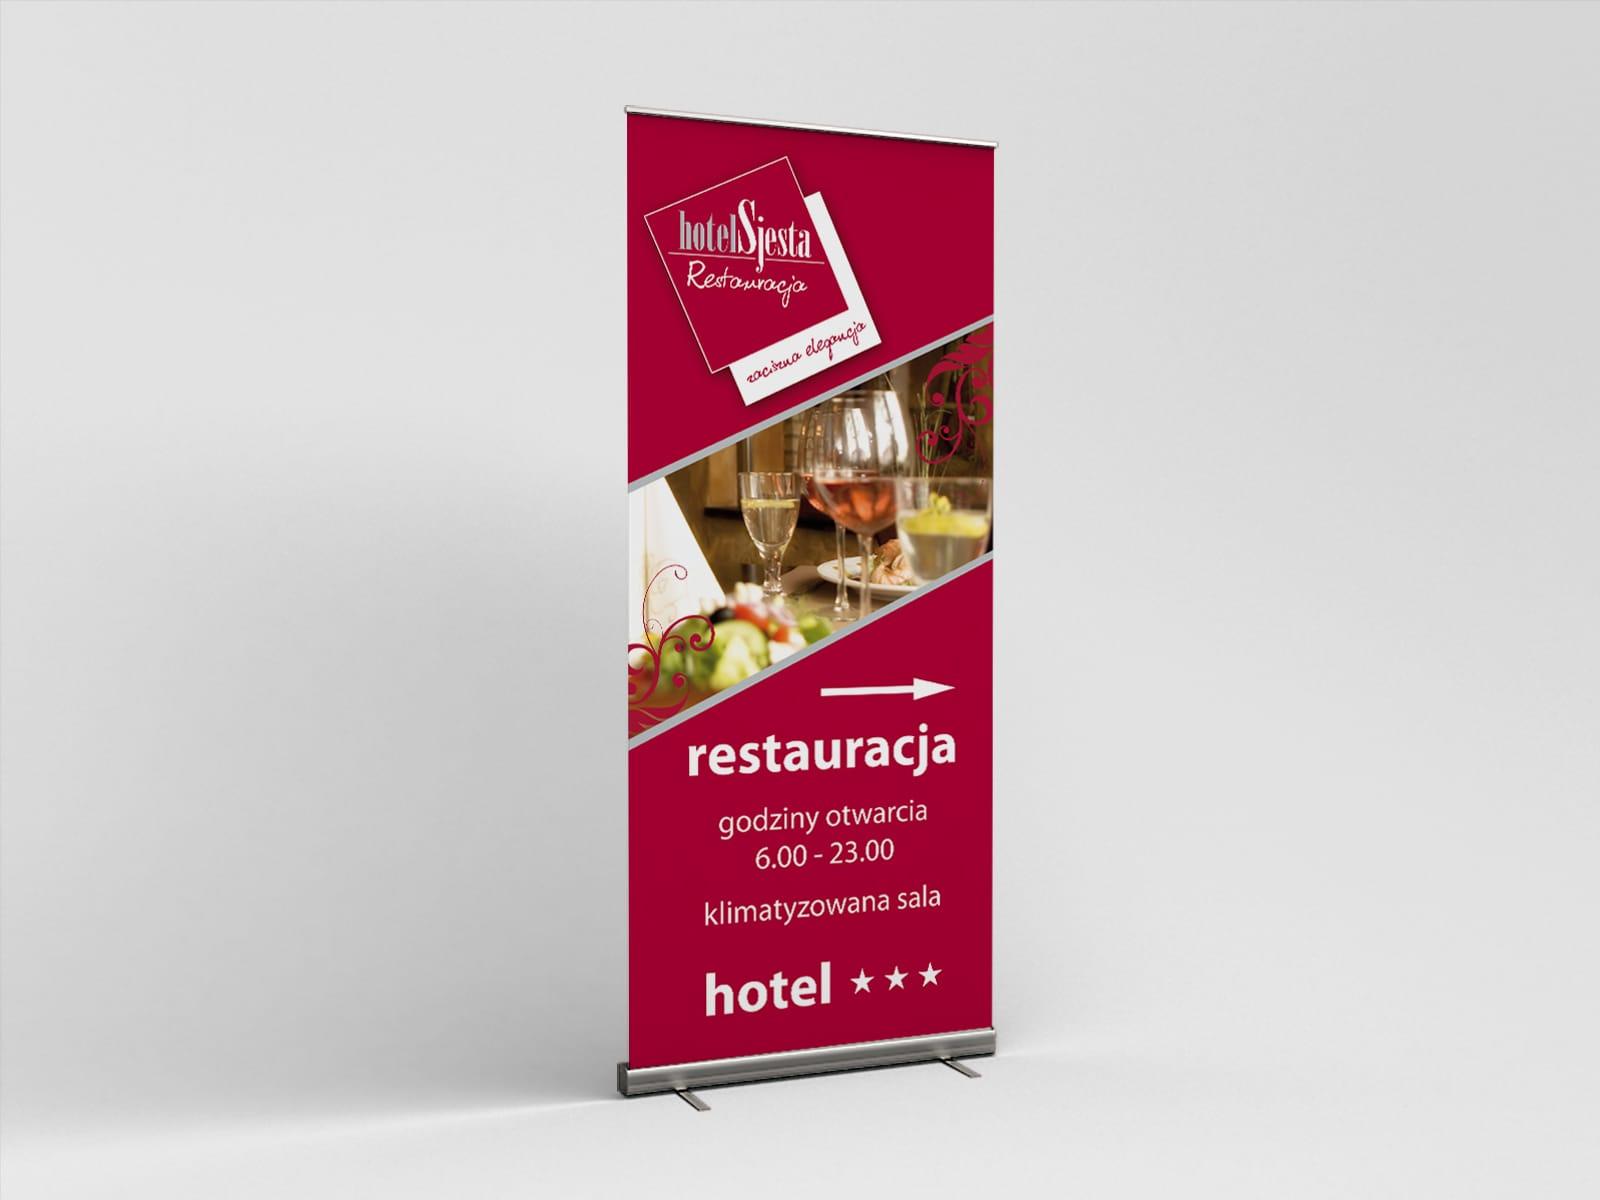 Hotel Restauracja Sjesta Mikołów identyfikacja wizualna, branding, logo firmowe, billboard, reklama prasowa, logo firmowe, ulotki reklamowe, strona internetowa, księga znaku, Agencja brandingowa Moweli Creative